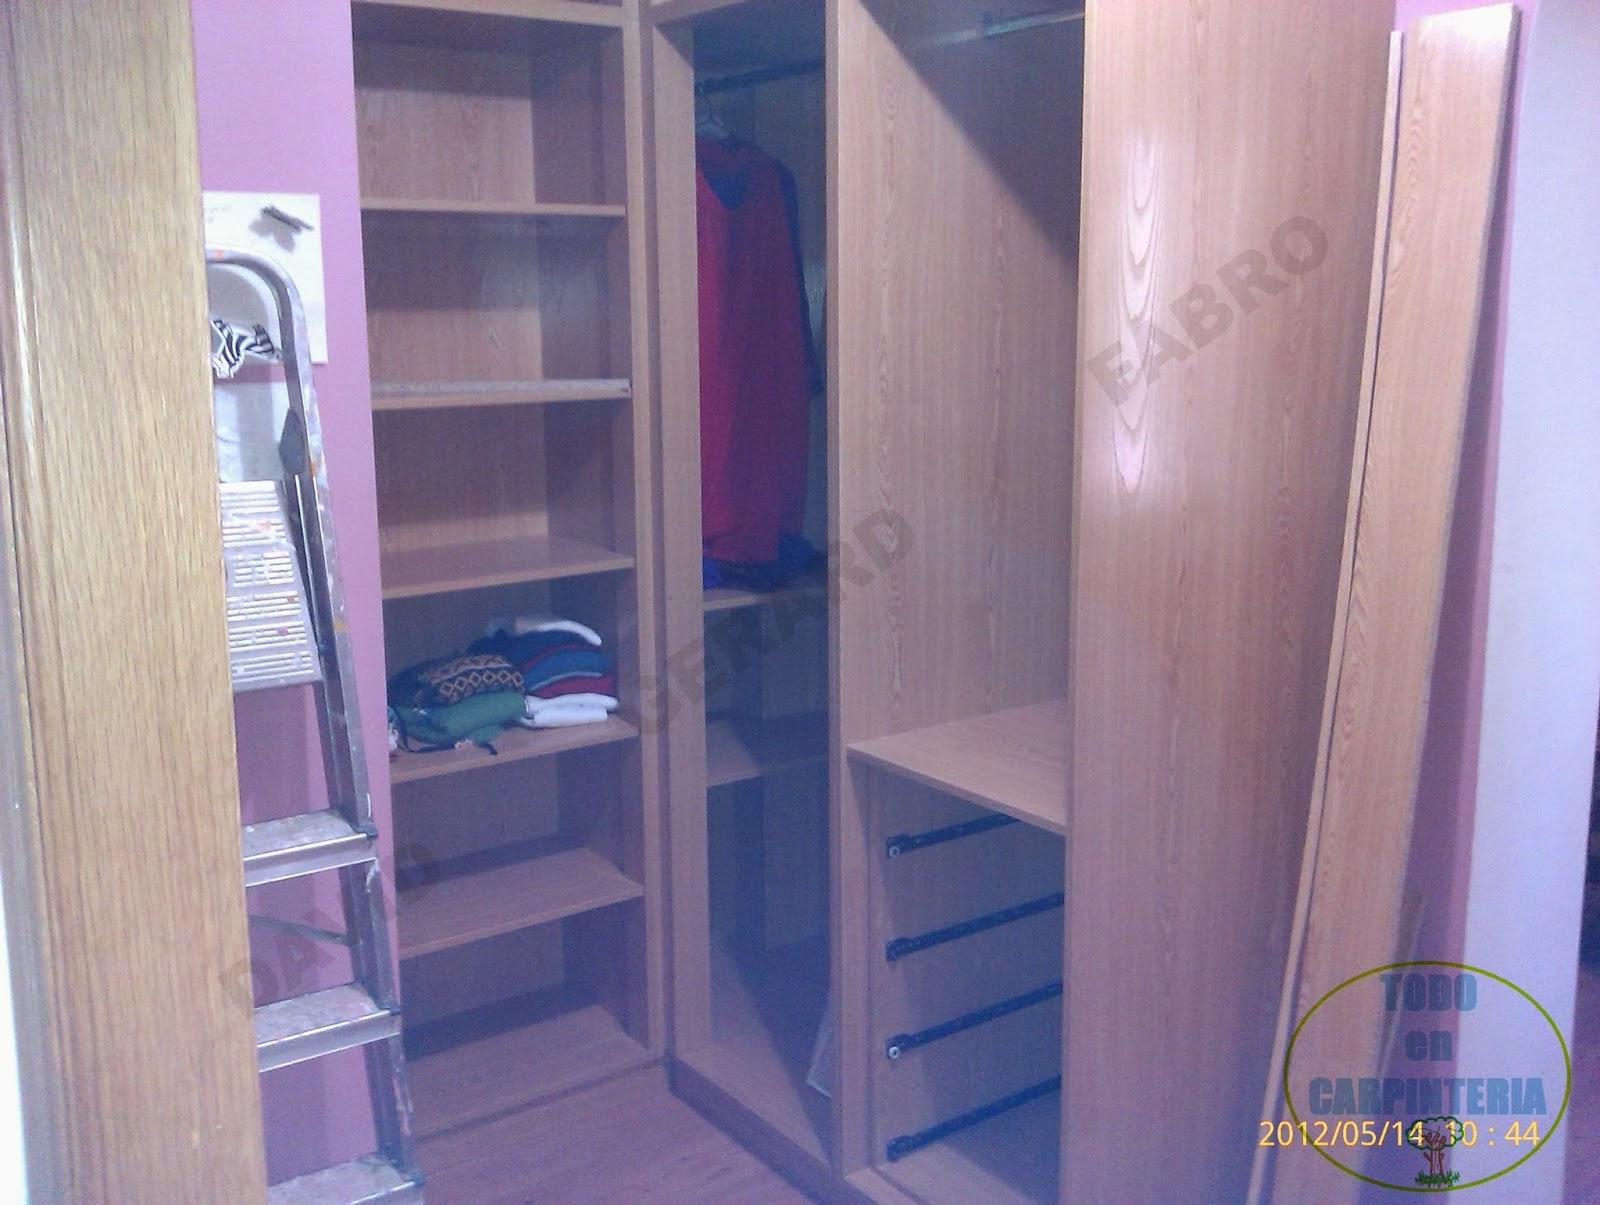 El interior del armario de esquina